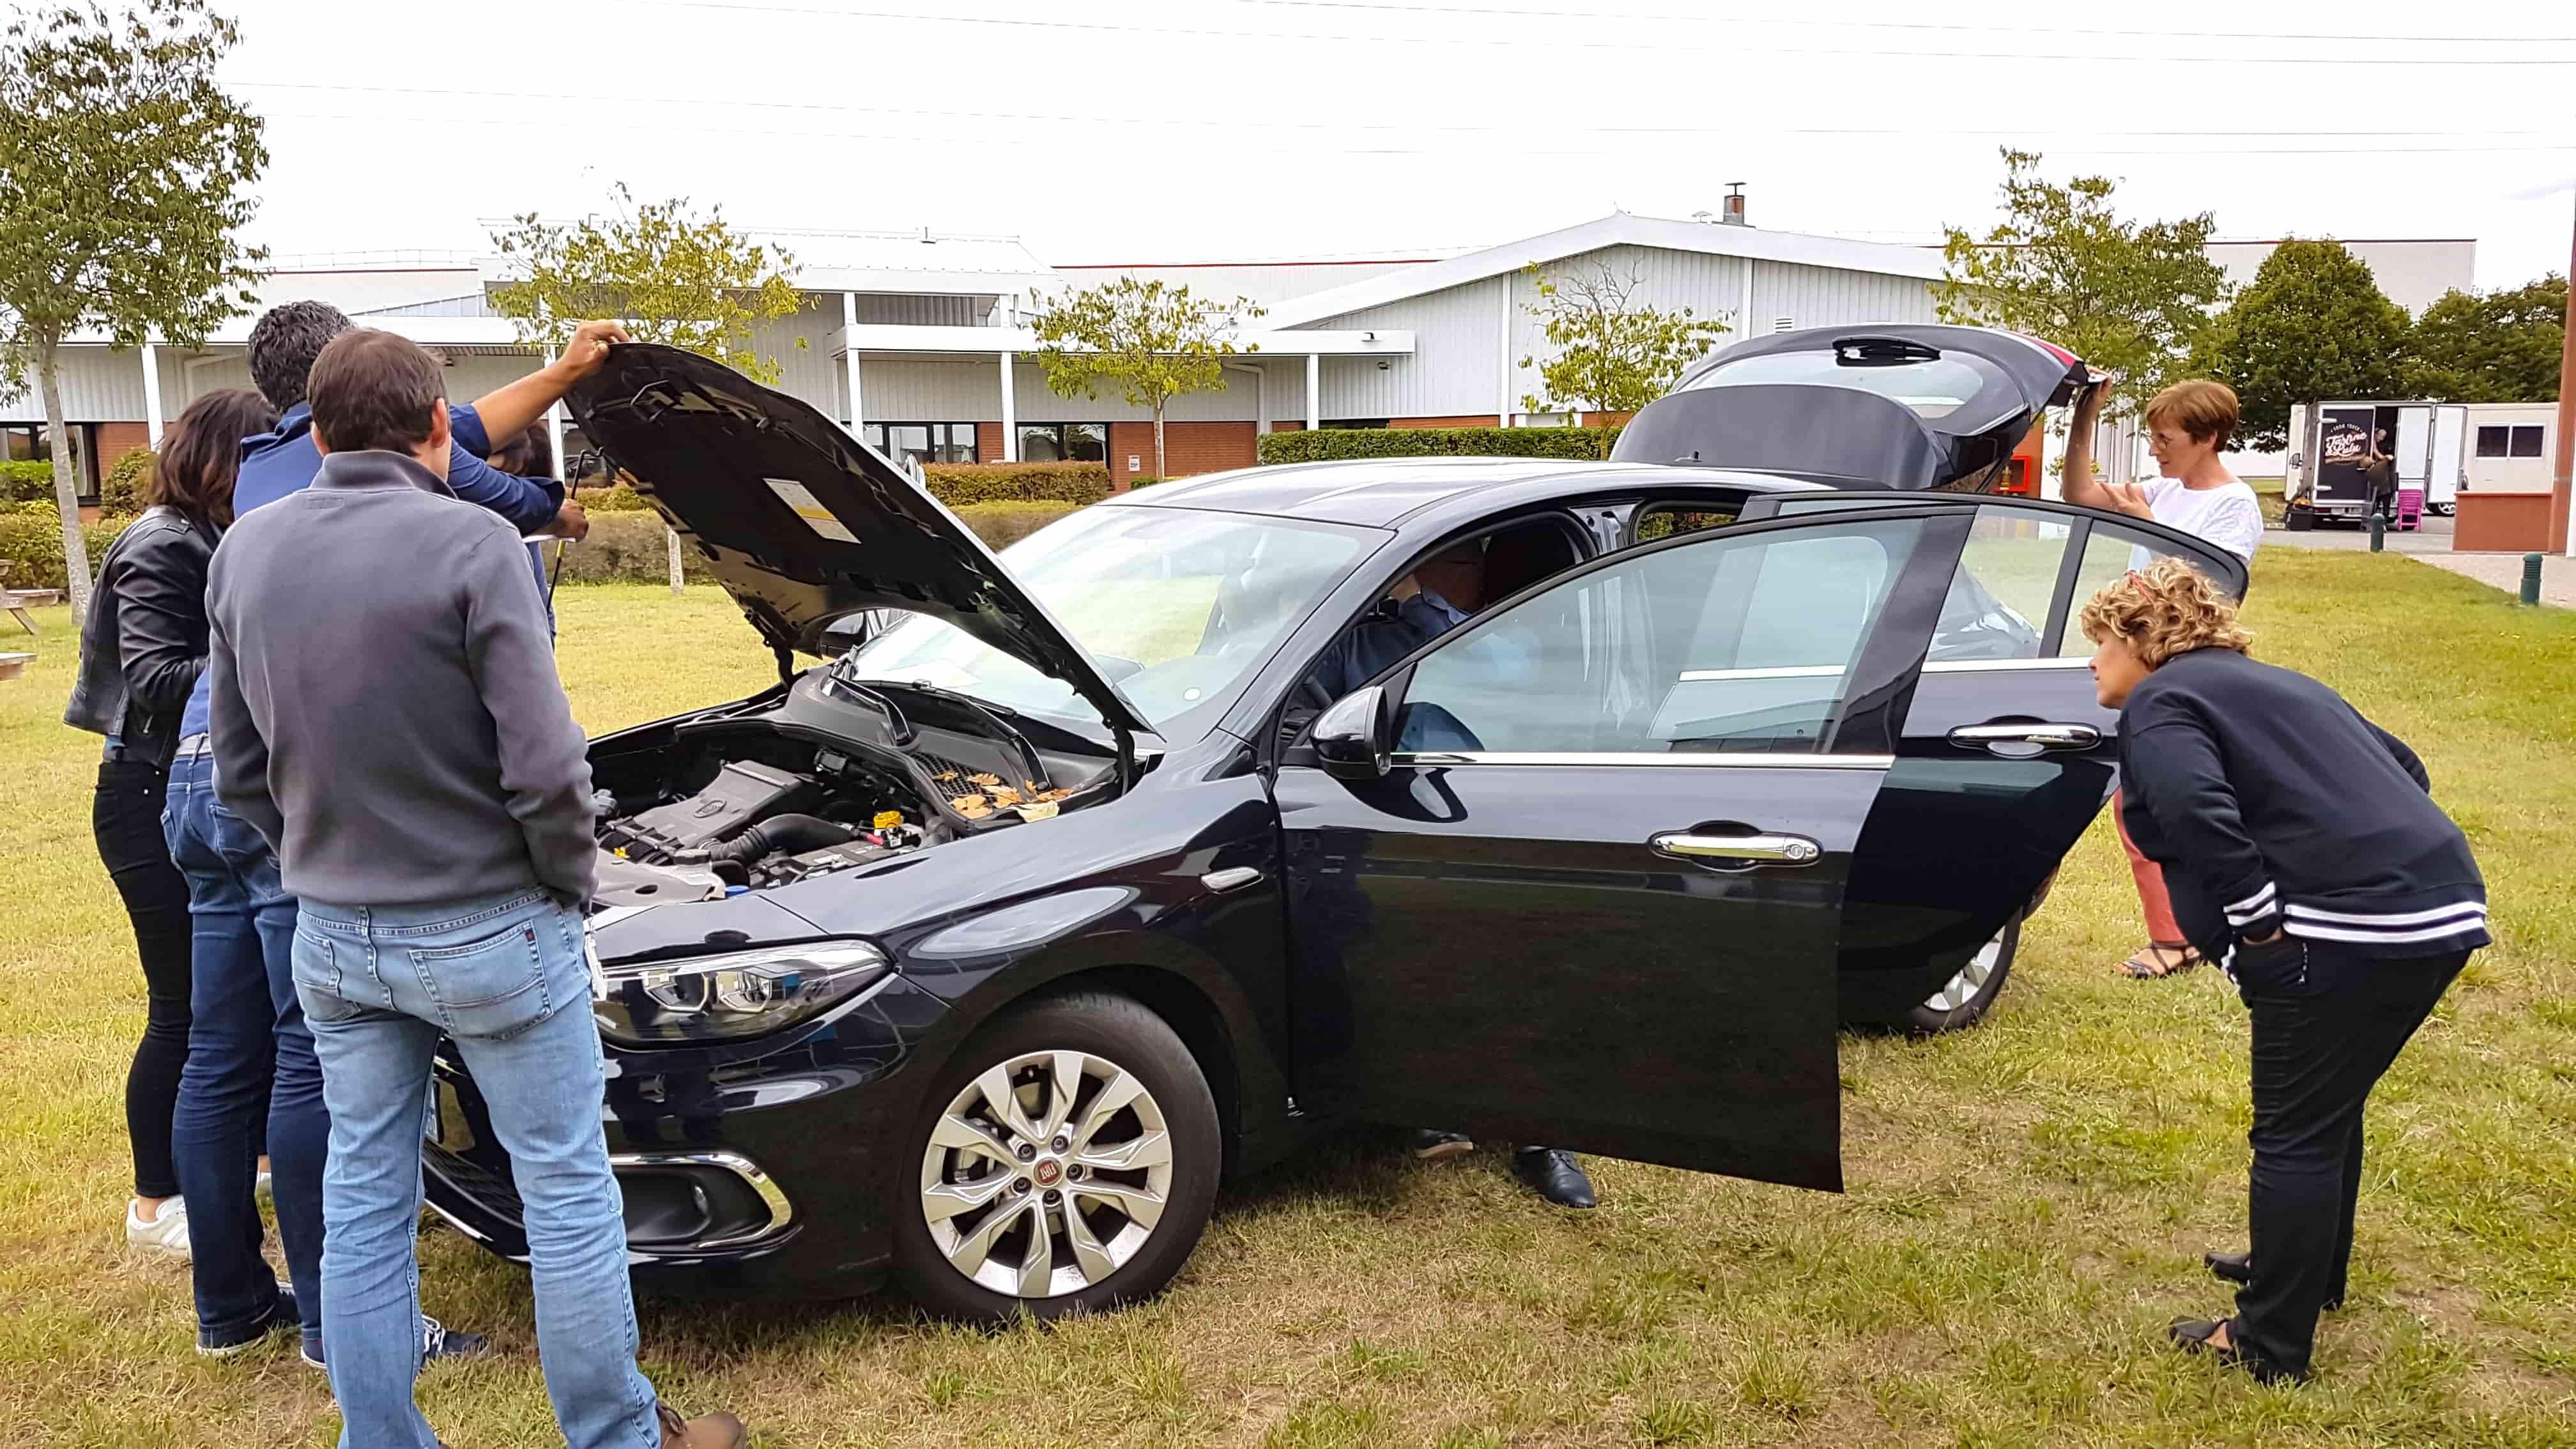 Atelier chasse aux risques autour d'un véhicule